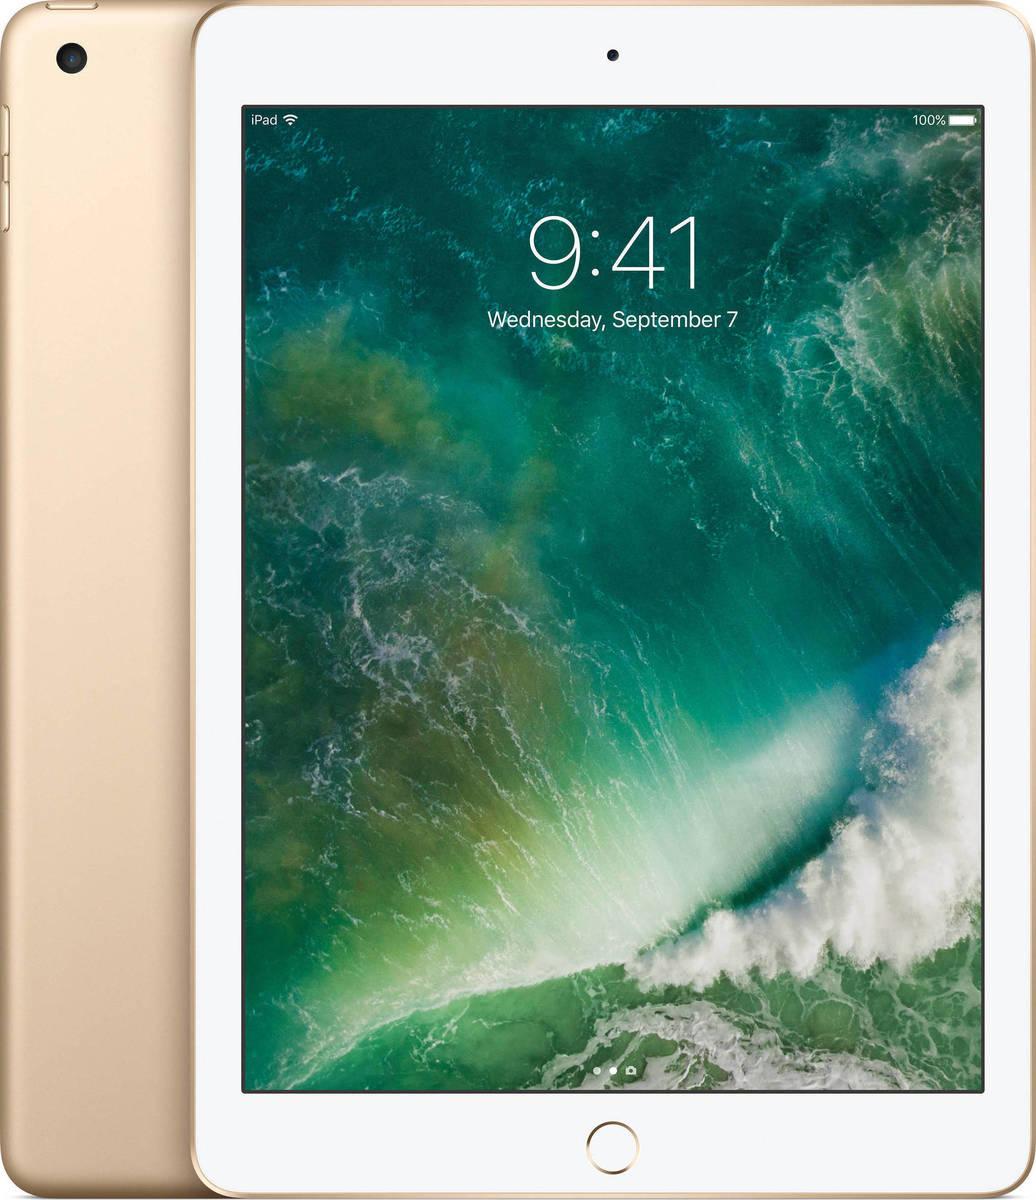 Apple iPad 9.7'' 2017 WiFi 32GB Gold Με Αντάπτορα Πληρωμή έως 12 δόσεις